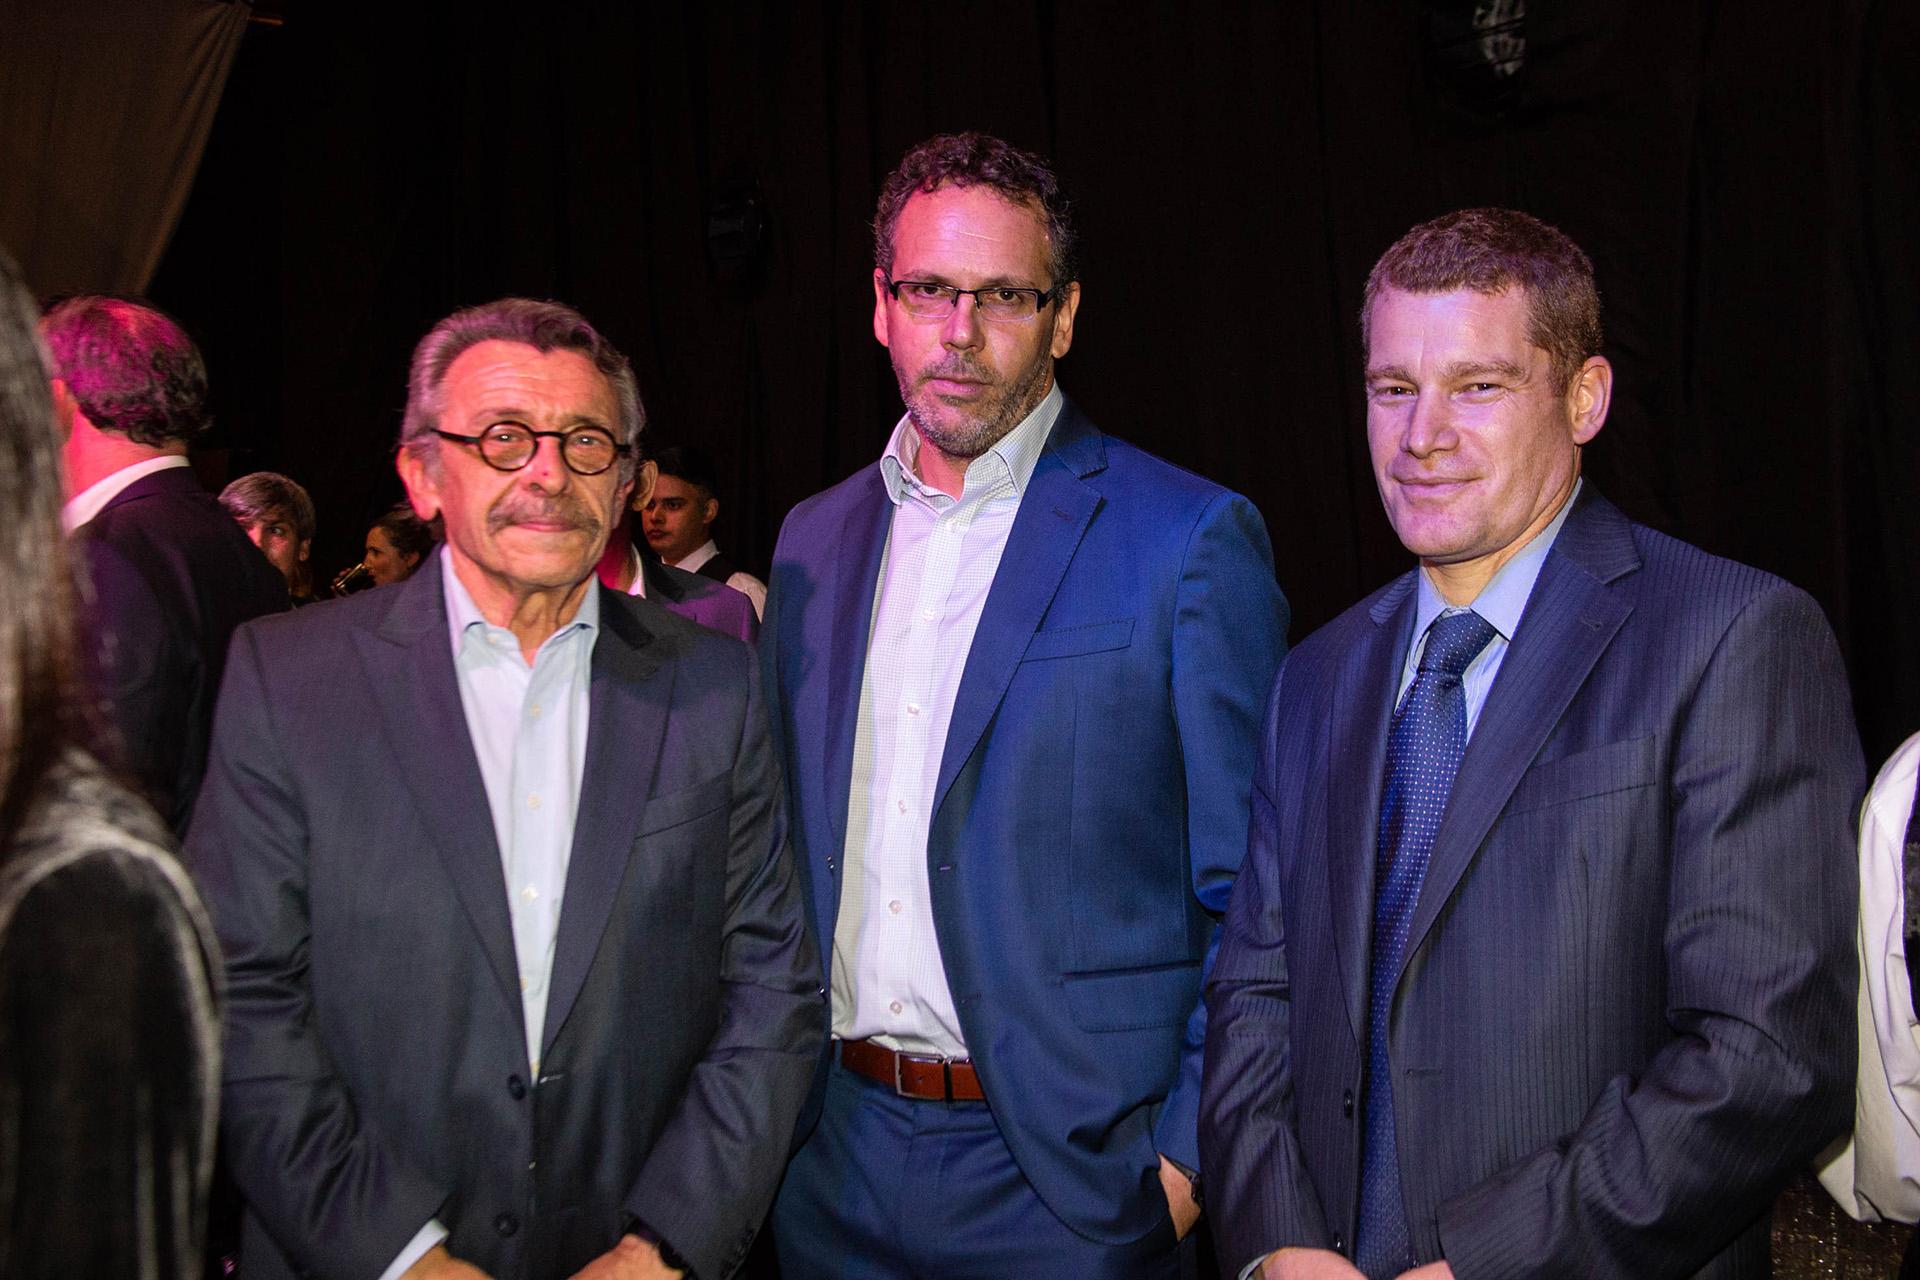 Daniel Klainer, Guido Sandleris y Nicolás Merener